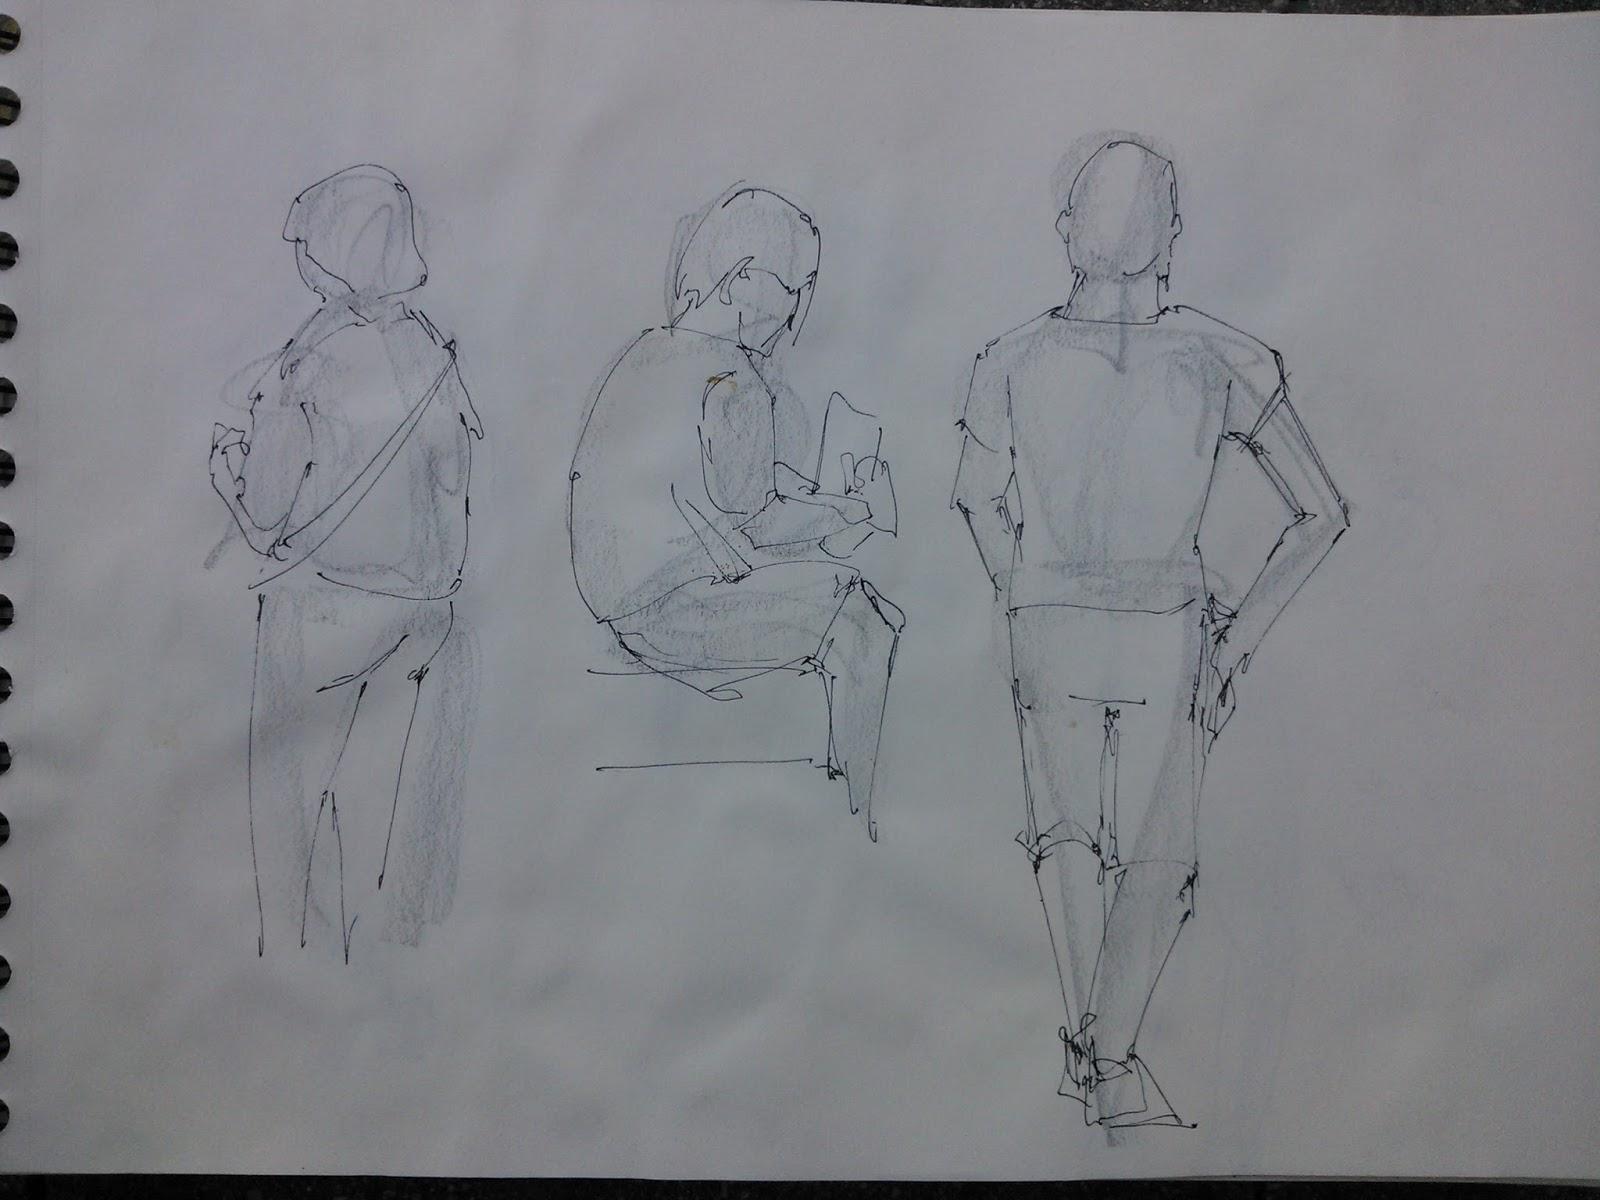 [SPOLYK] - Geometries & sketches WP_000305